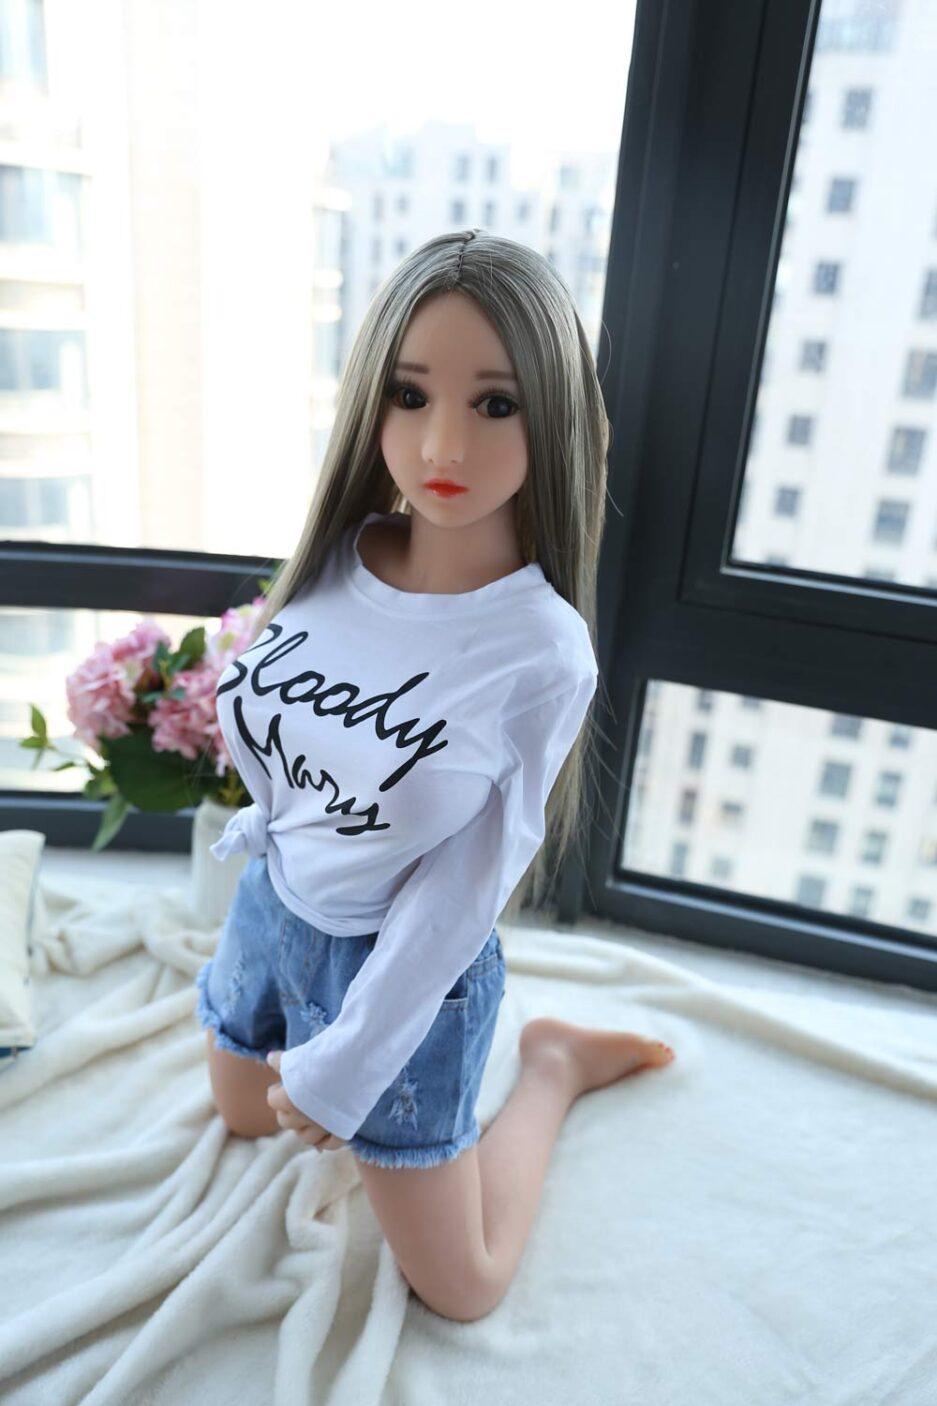 Mini sex doll kneeling on the windowsill